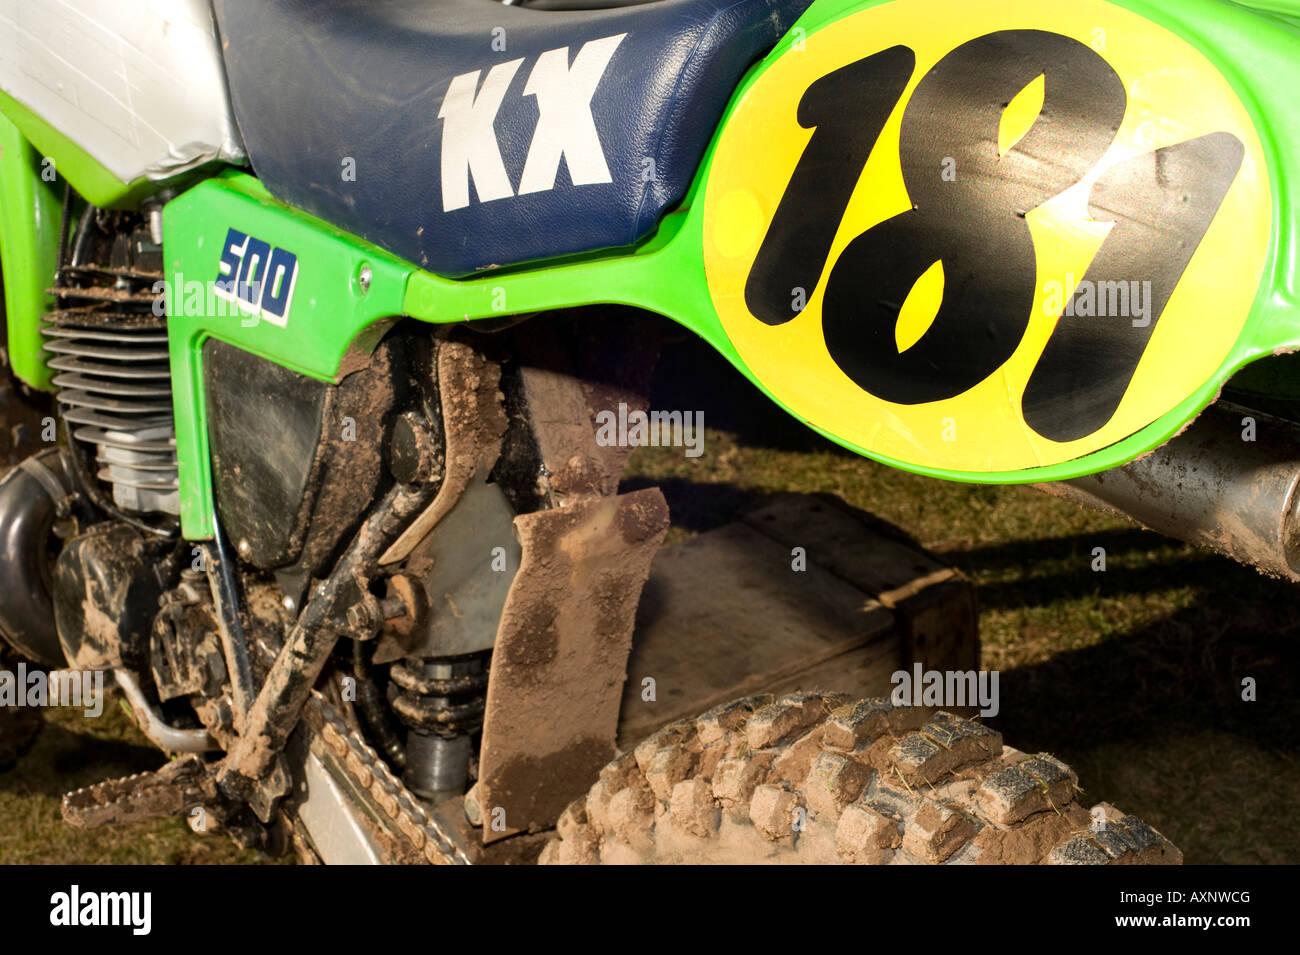 Dirt Bike Kawasaki Stock Photo 83606689